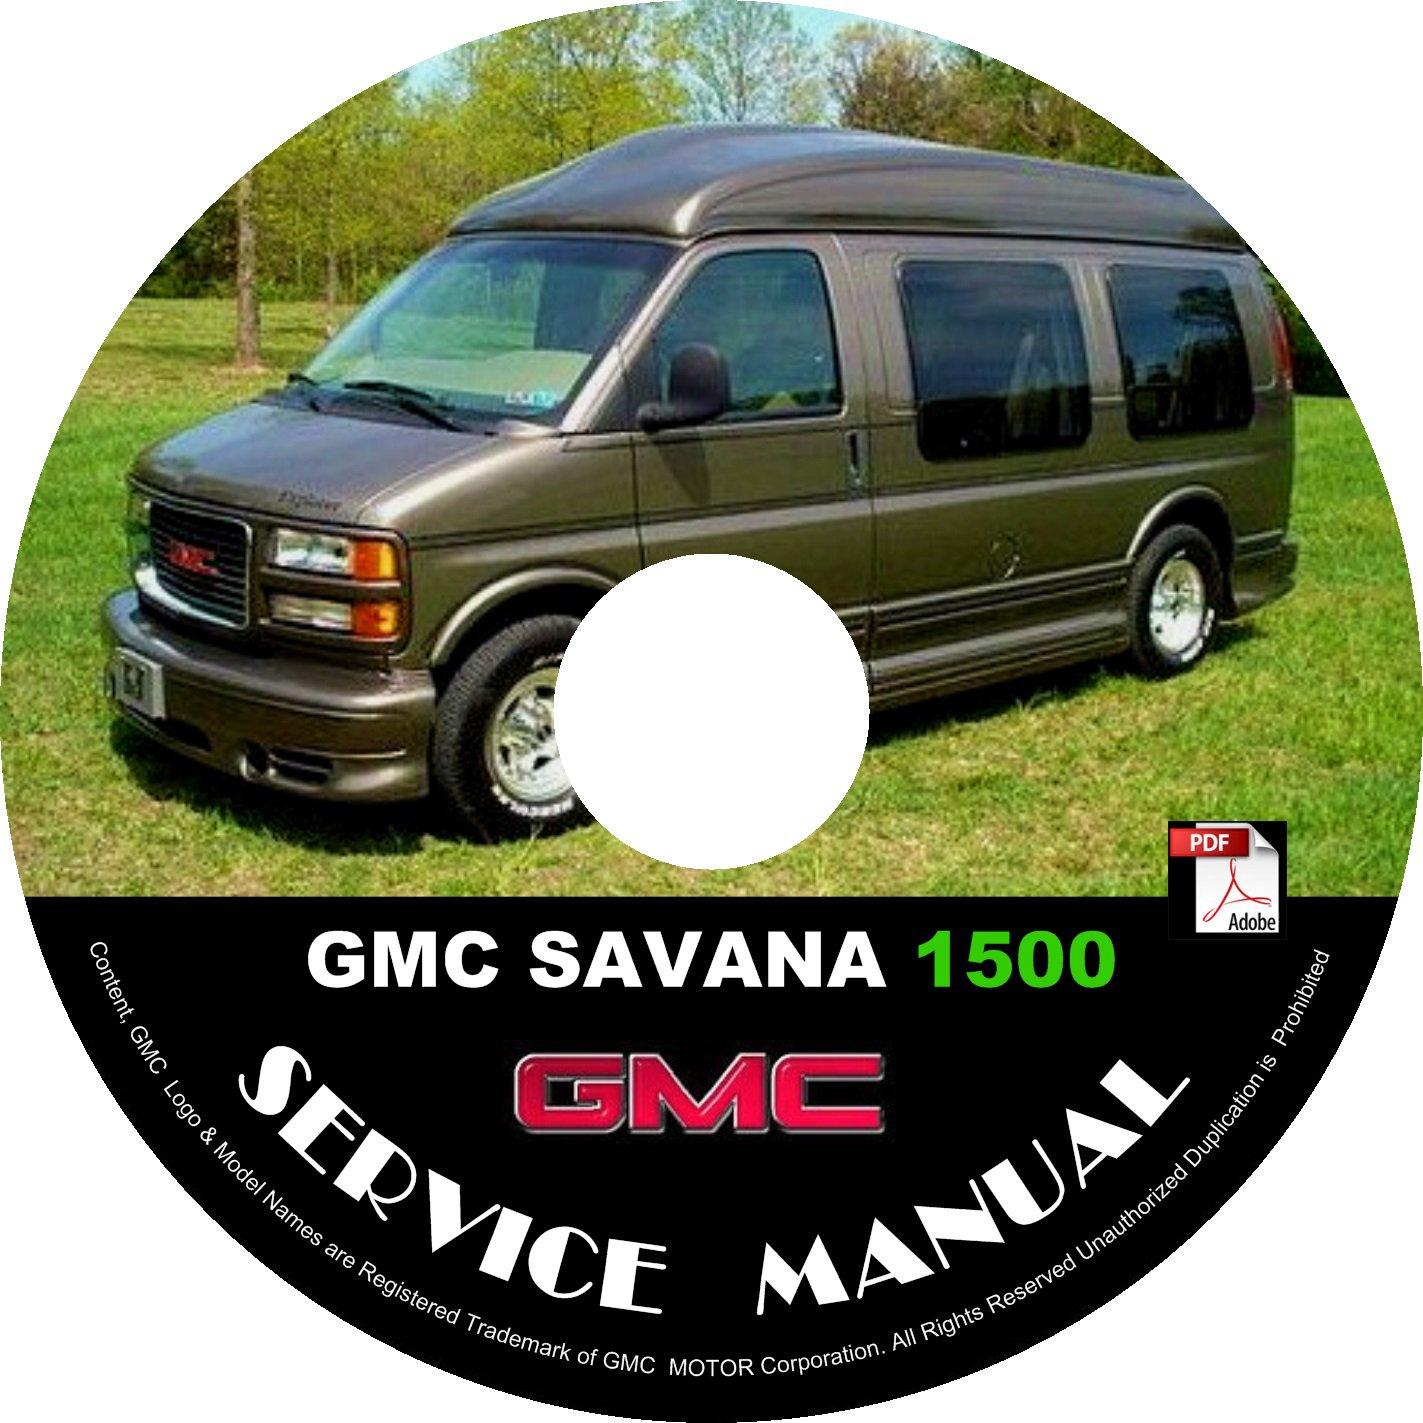 2001 GMC Savana 1500 G1500 Service Repair Shop Manual on CD '01 Fix Repair Rebuild Workshop Guide